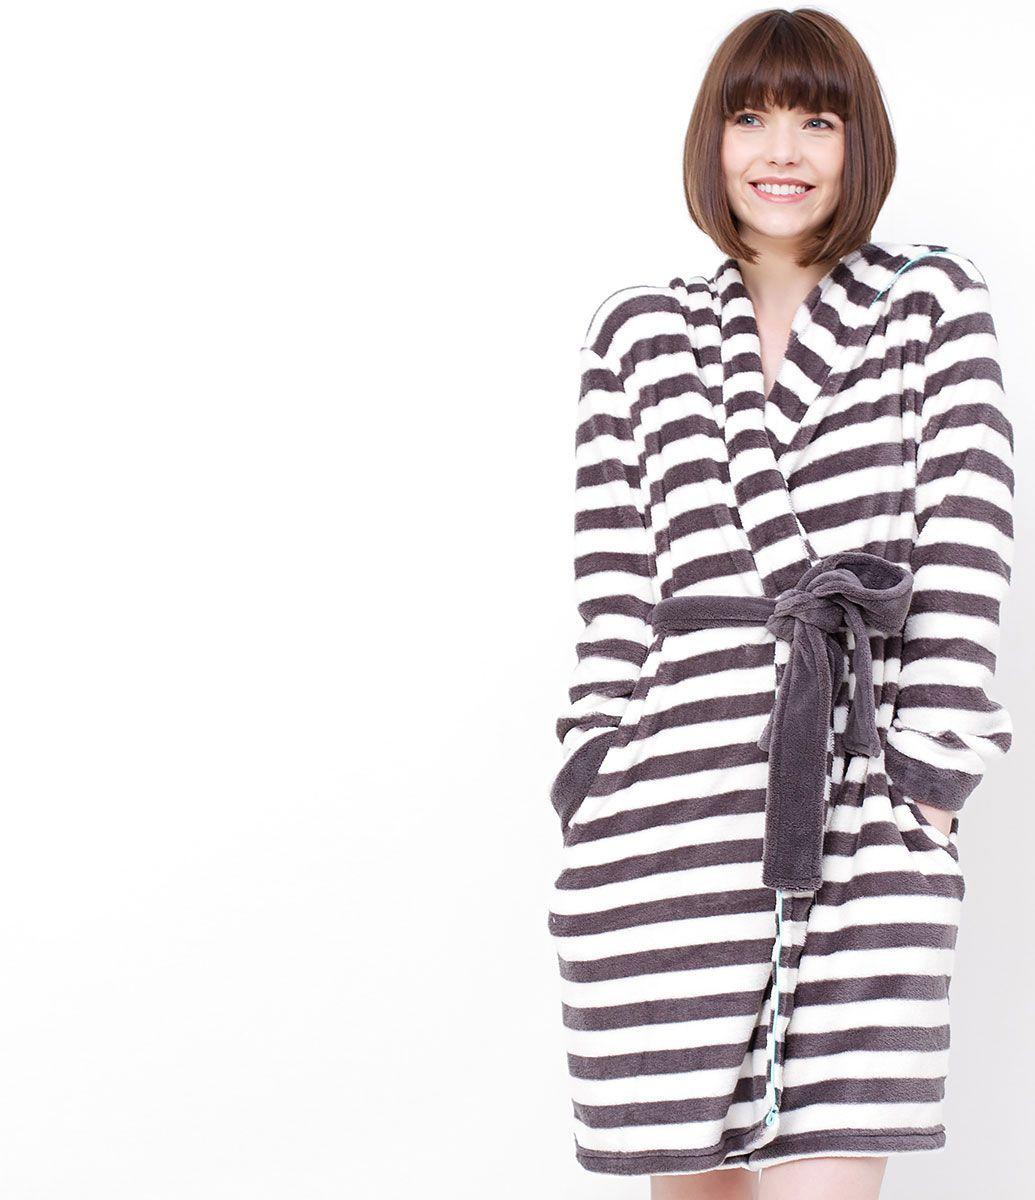 cb645e3c44934a Robe feminino Manga longa Com capuz Estampa de listras Marca: Lov ...